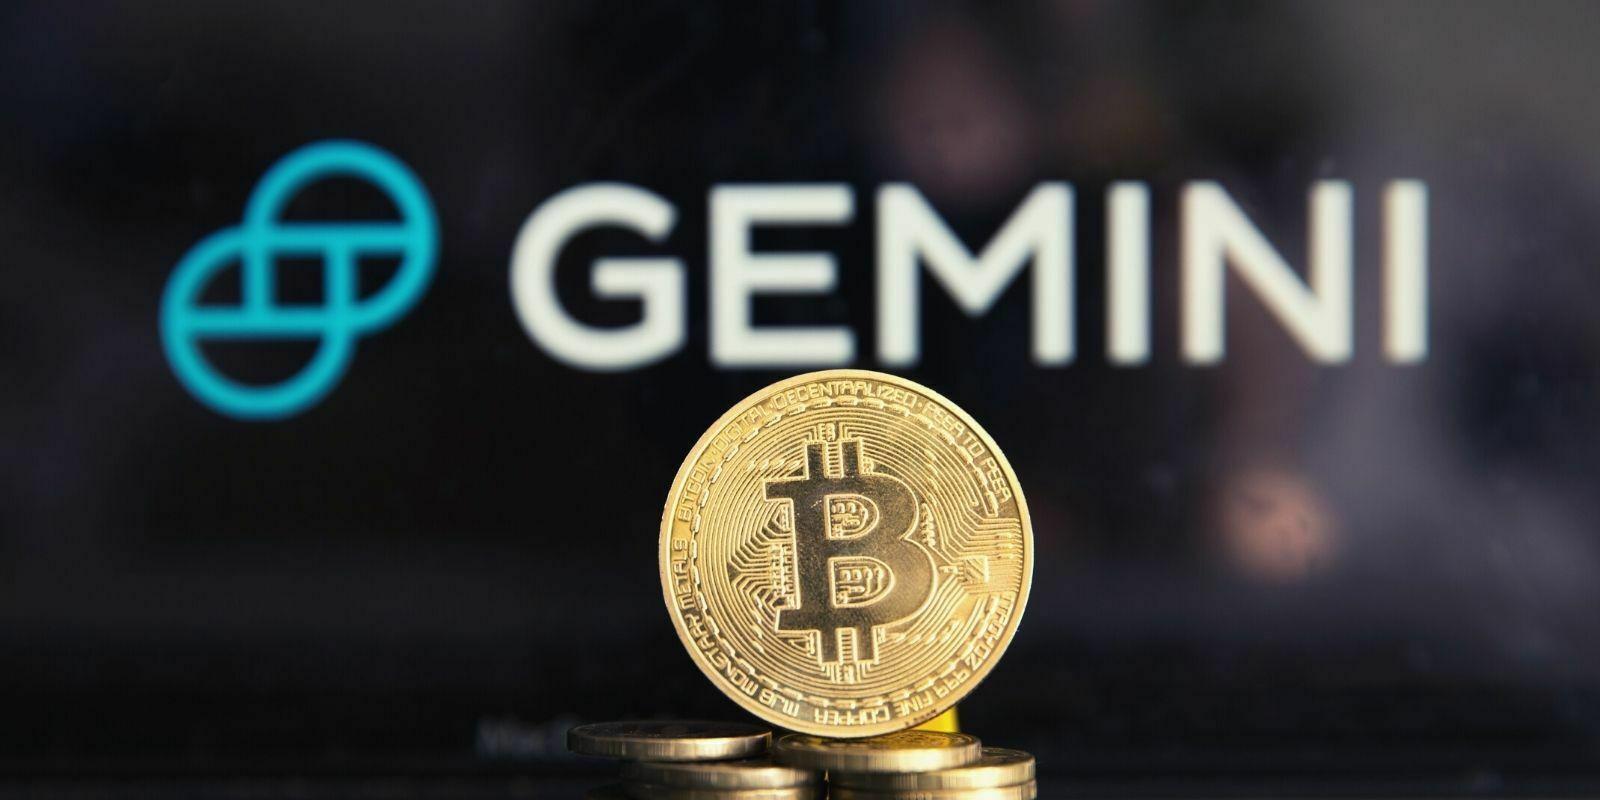 Gemini lance une crypto-carte avec jusqu'à 3% de cashback en Bitcoin (BTC)